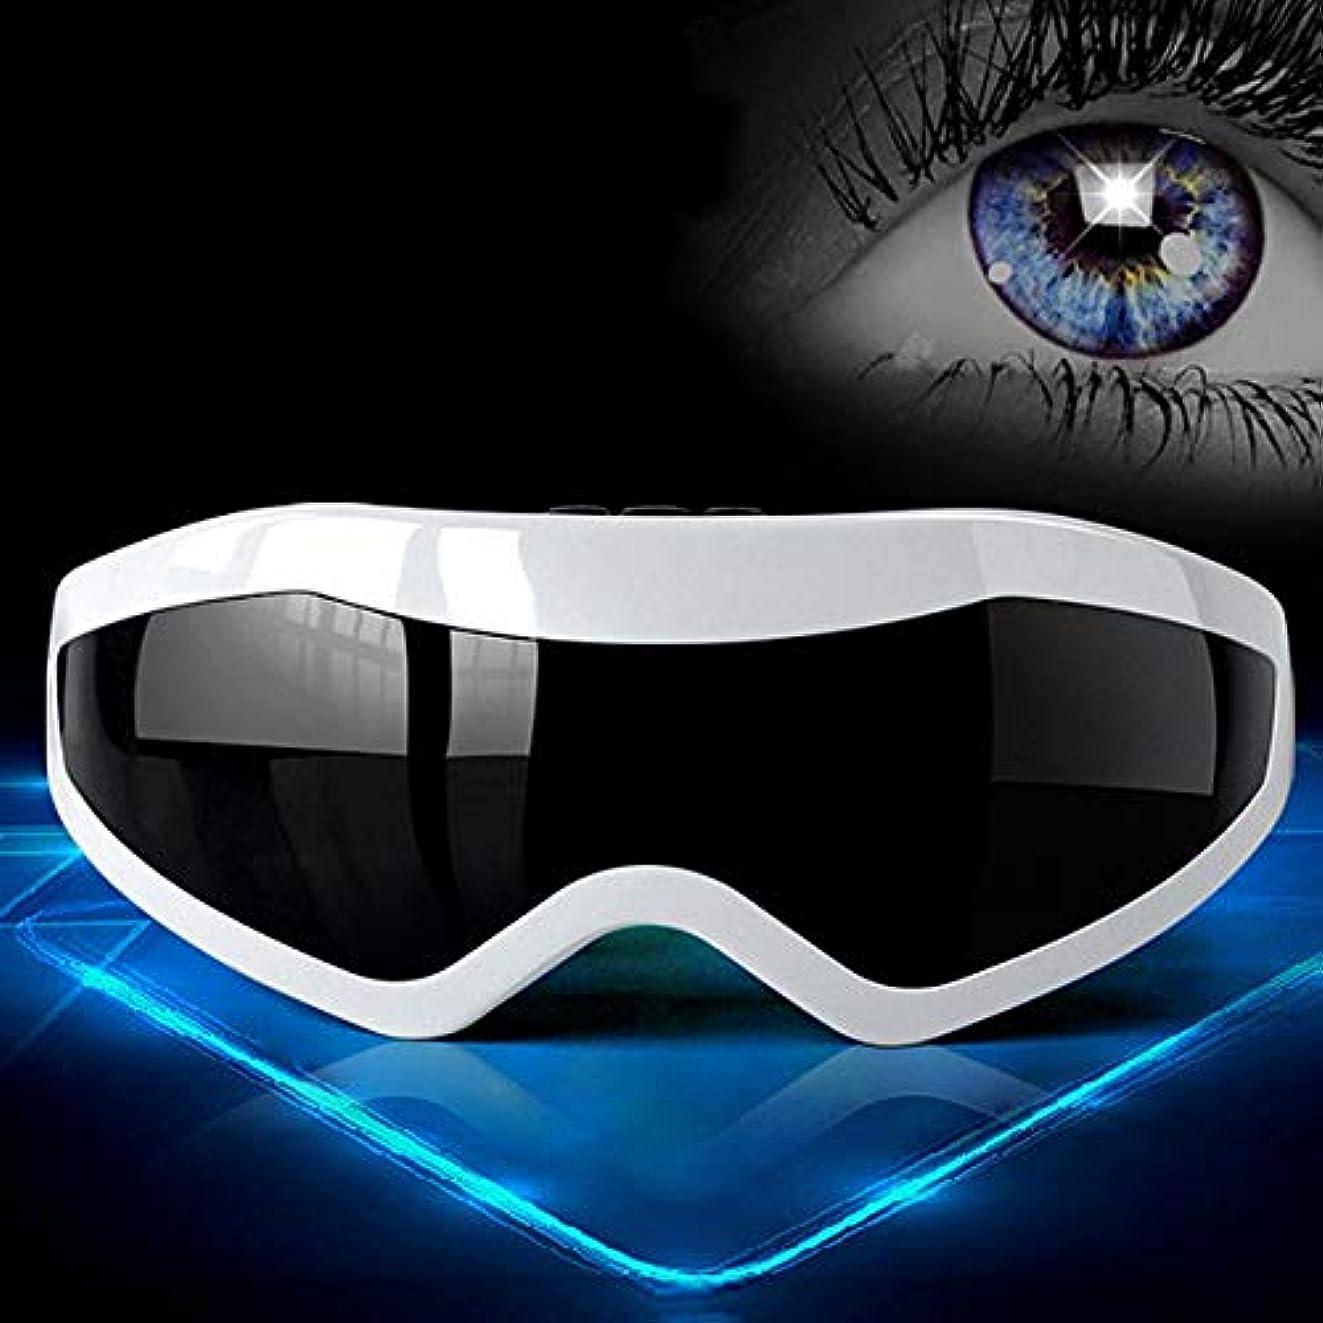 起こる帳面切り離すComfortable Electric Eye Massager Men Women Eye Brain Relax Magnetic Eye Health Care Massager Instrument Best...